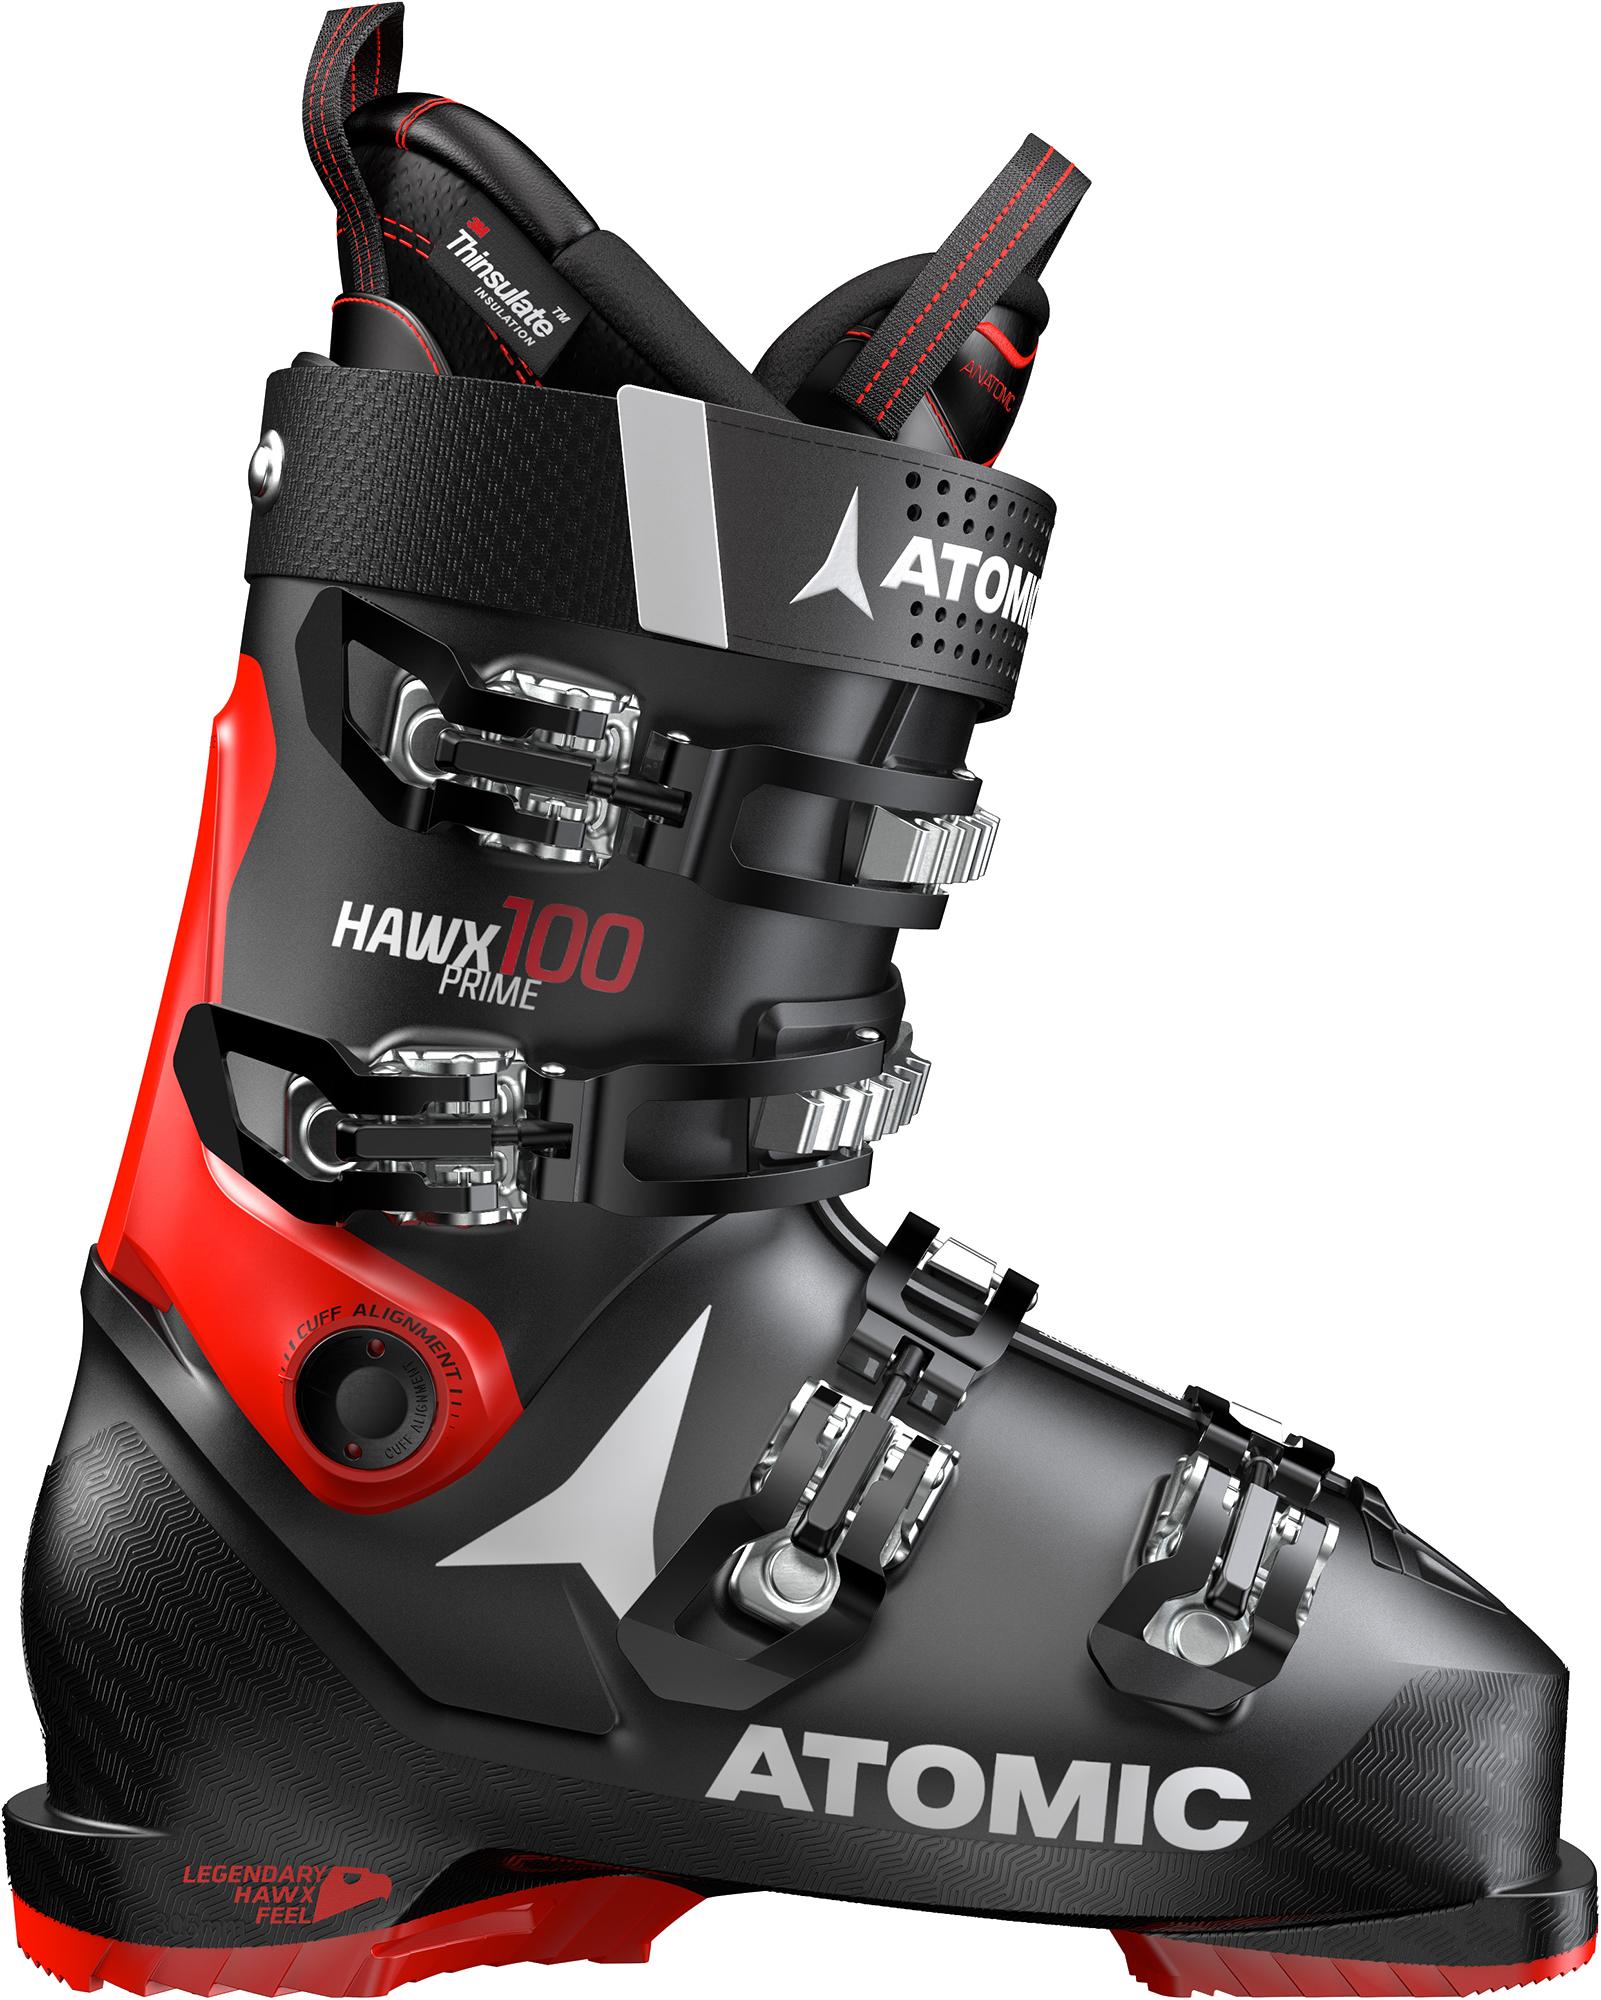 Atomic Ботинки горнолыжные Hawx Prime 100, размер 31 см